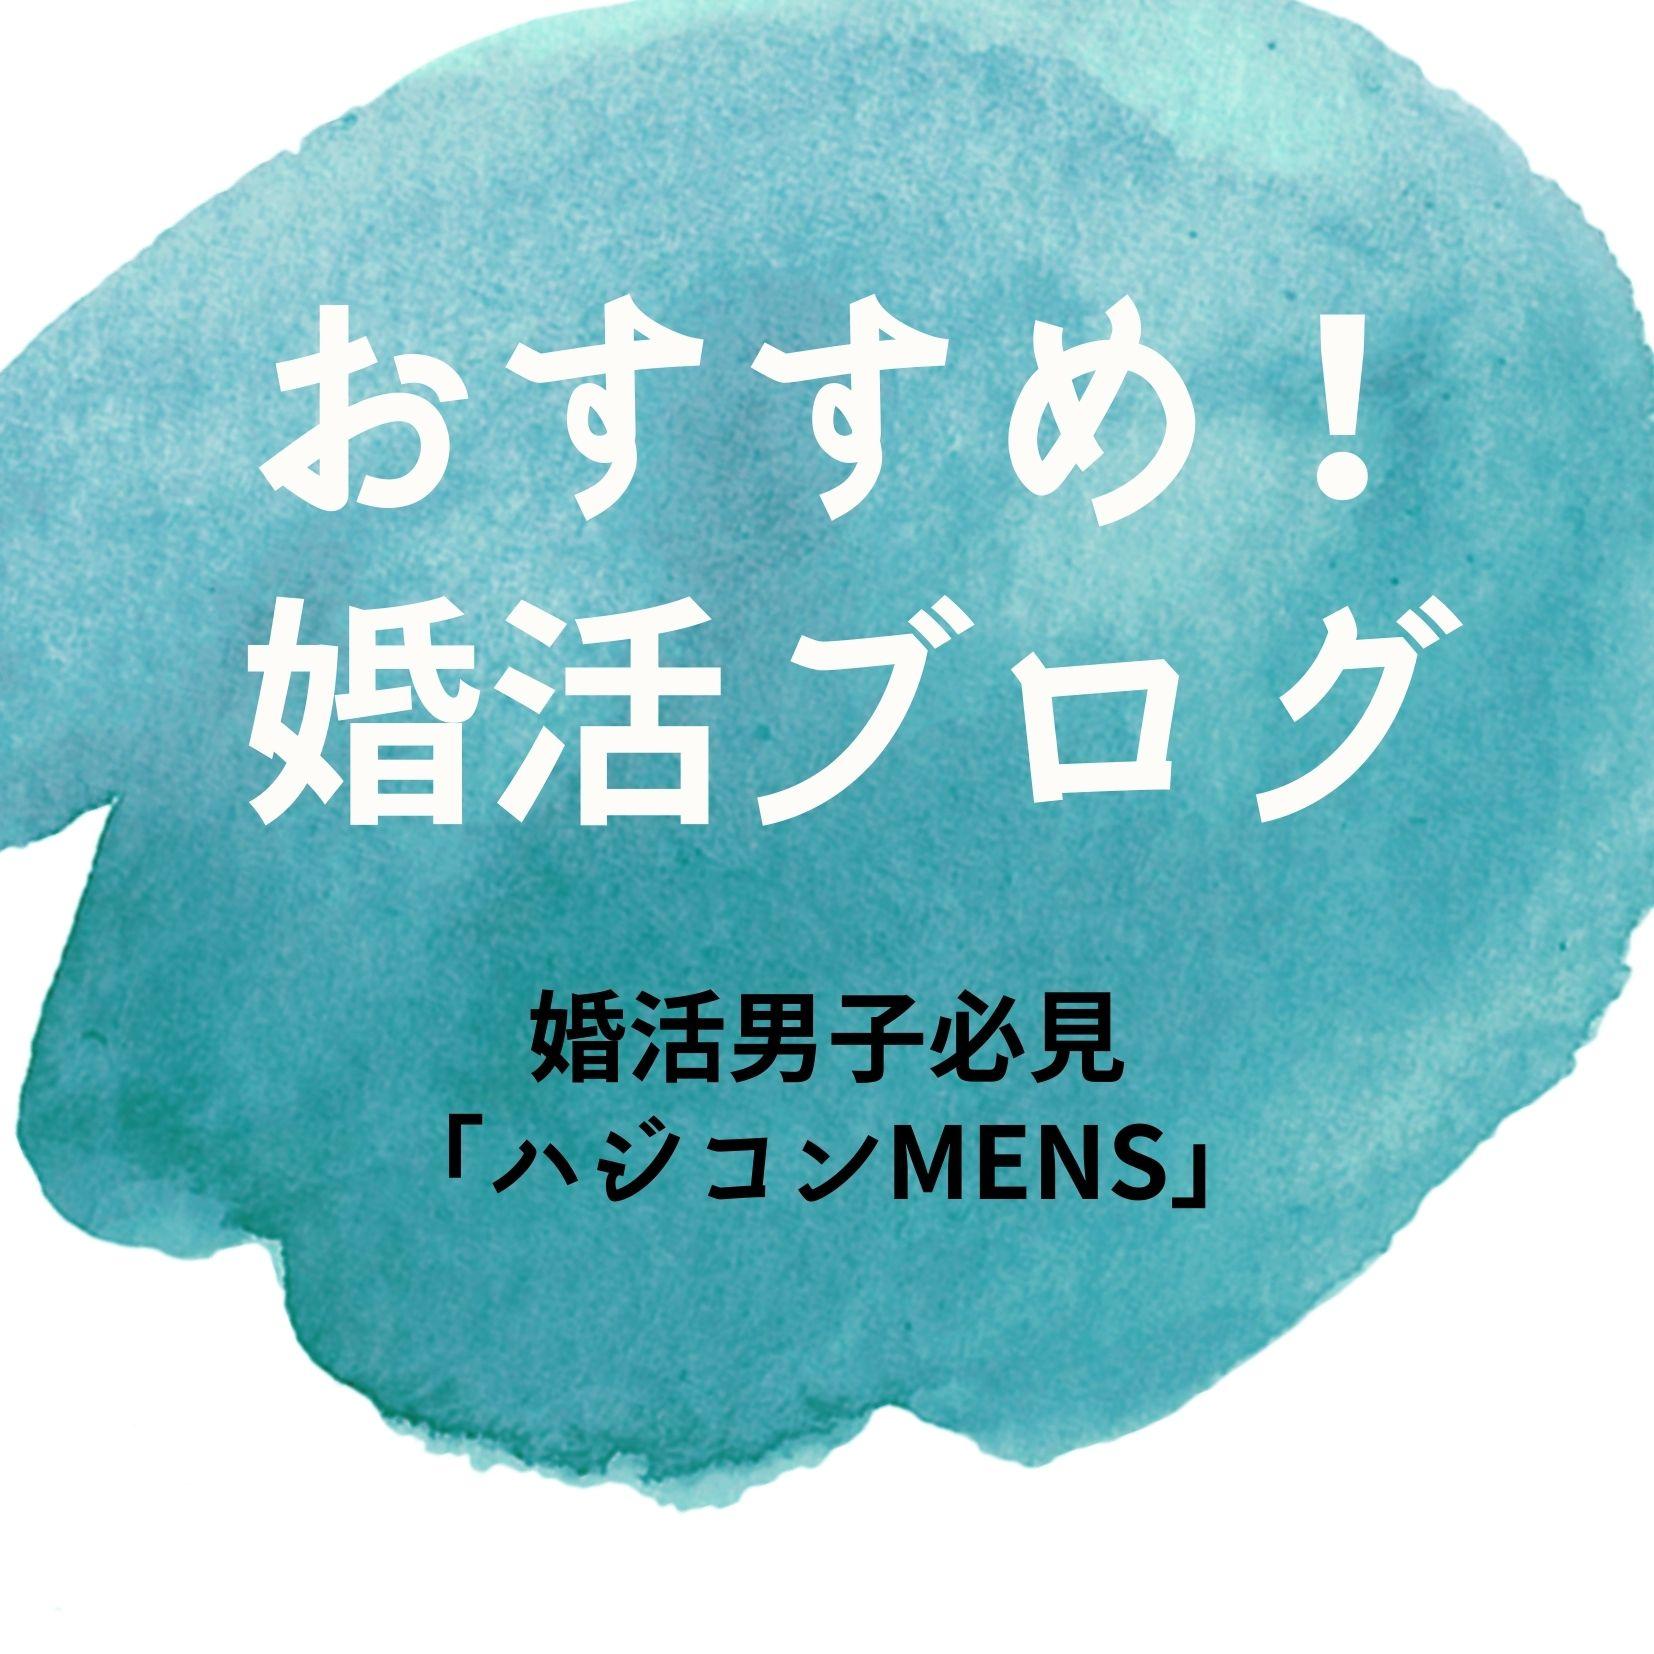 おすすめ!婚活ブログ「ハジコンMENS」